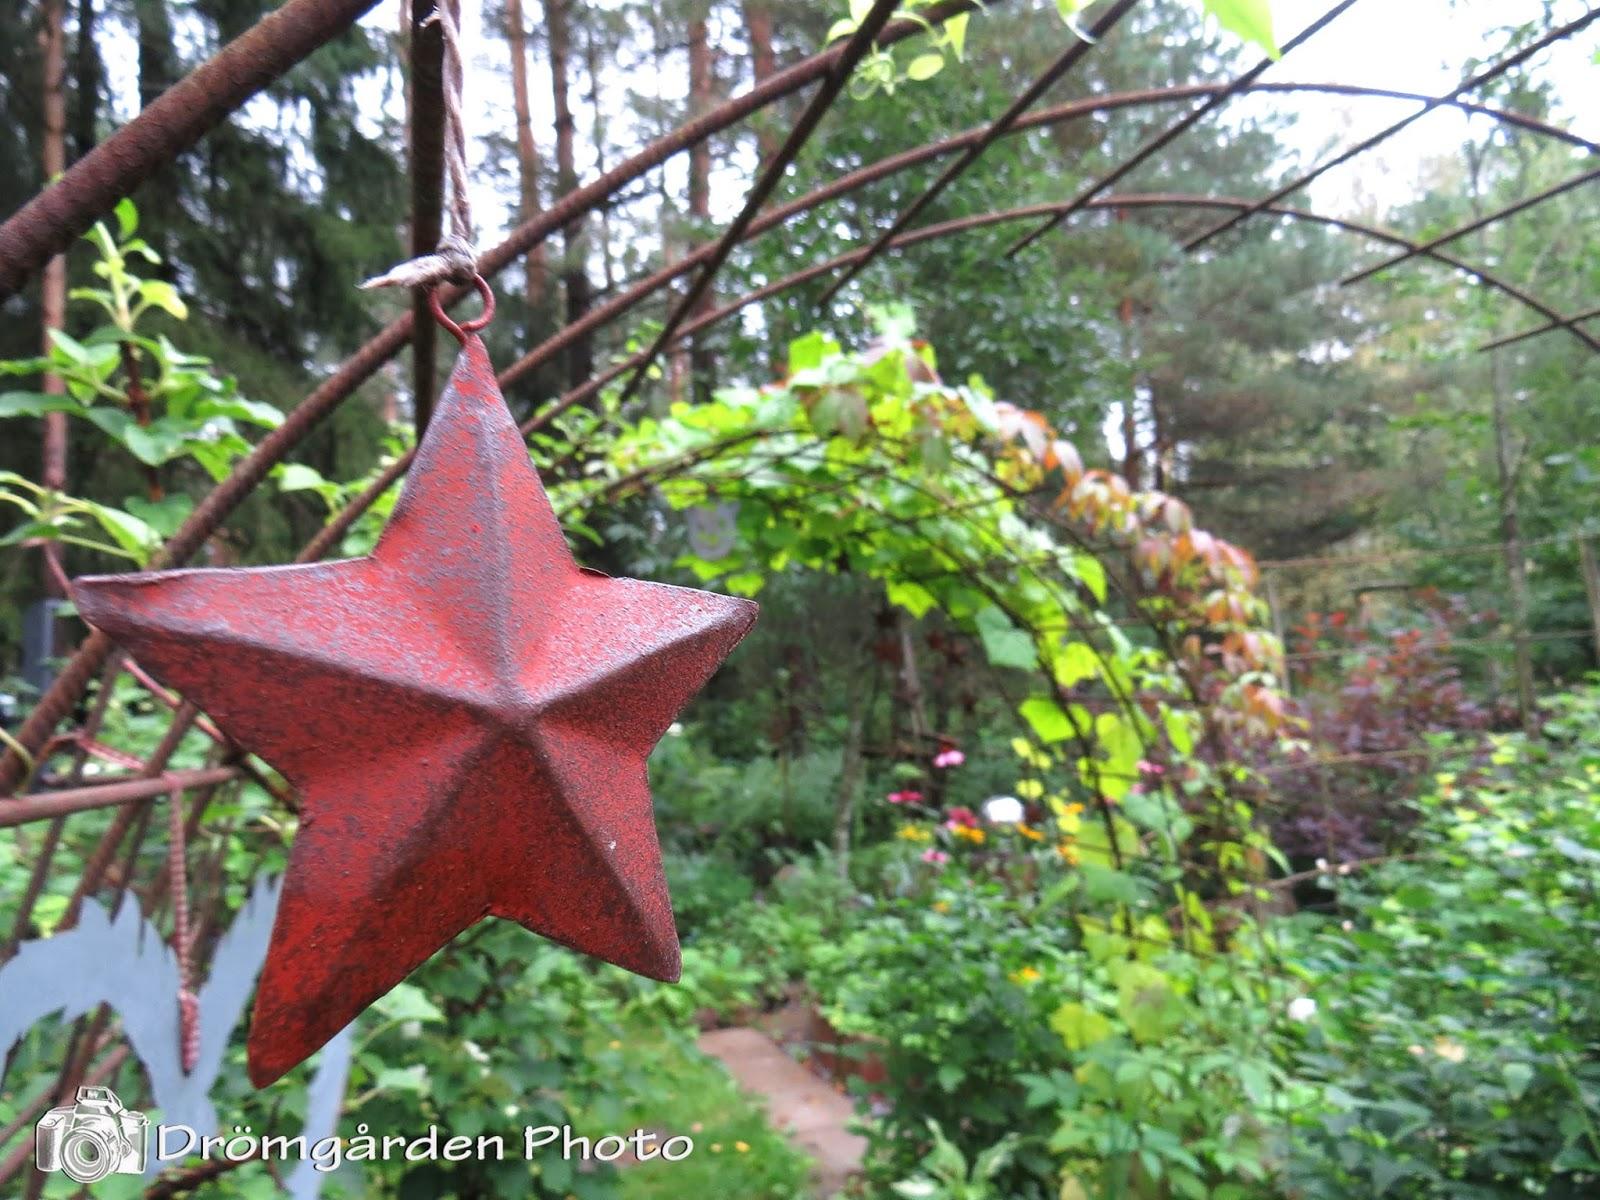 Drömgården: Dahlstrands trädgård